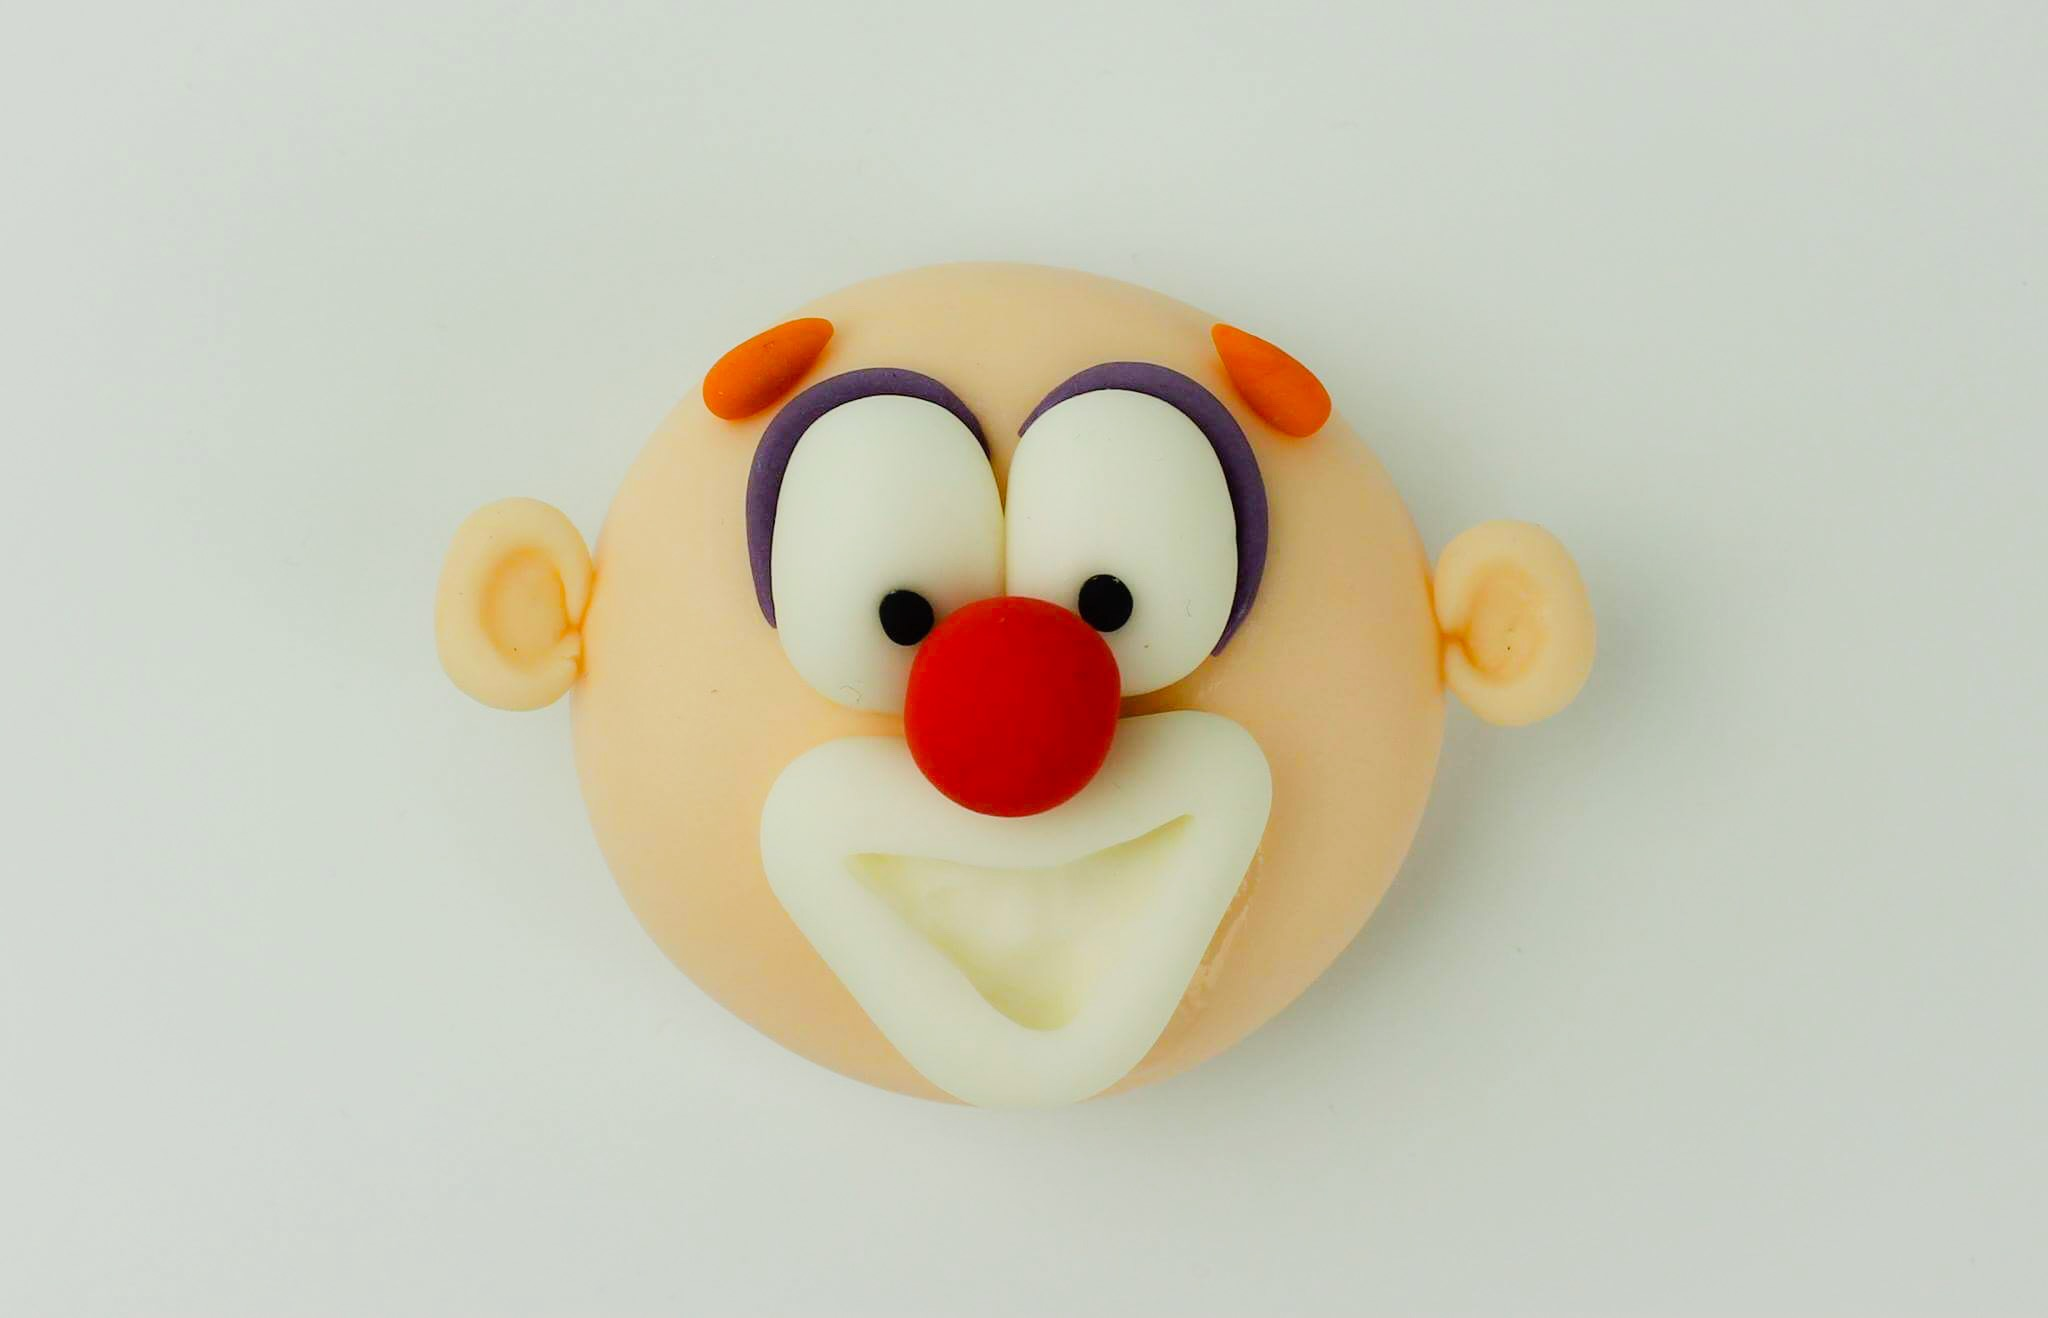 clown-9.JPG#asset:19561